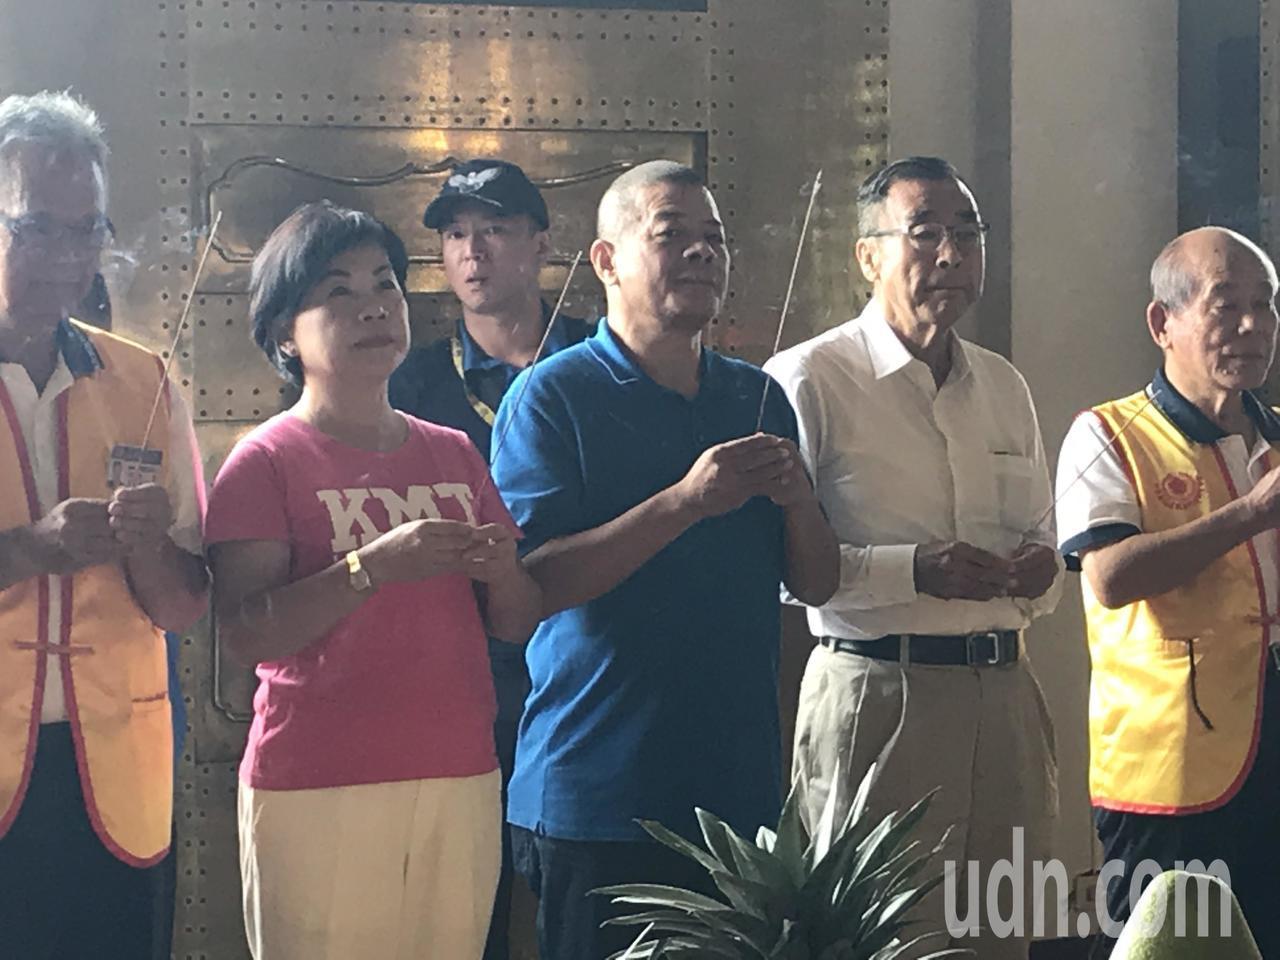 台中市副市長楊瓊瓔(左二)、前台中市議長張清堂(中)、前總統府資政廖了以(右二)...